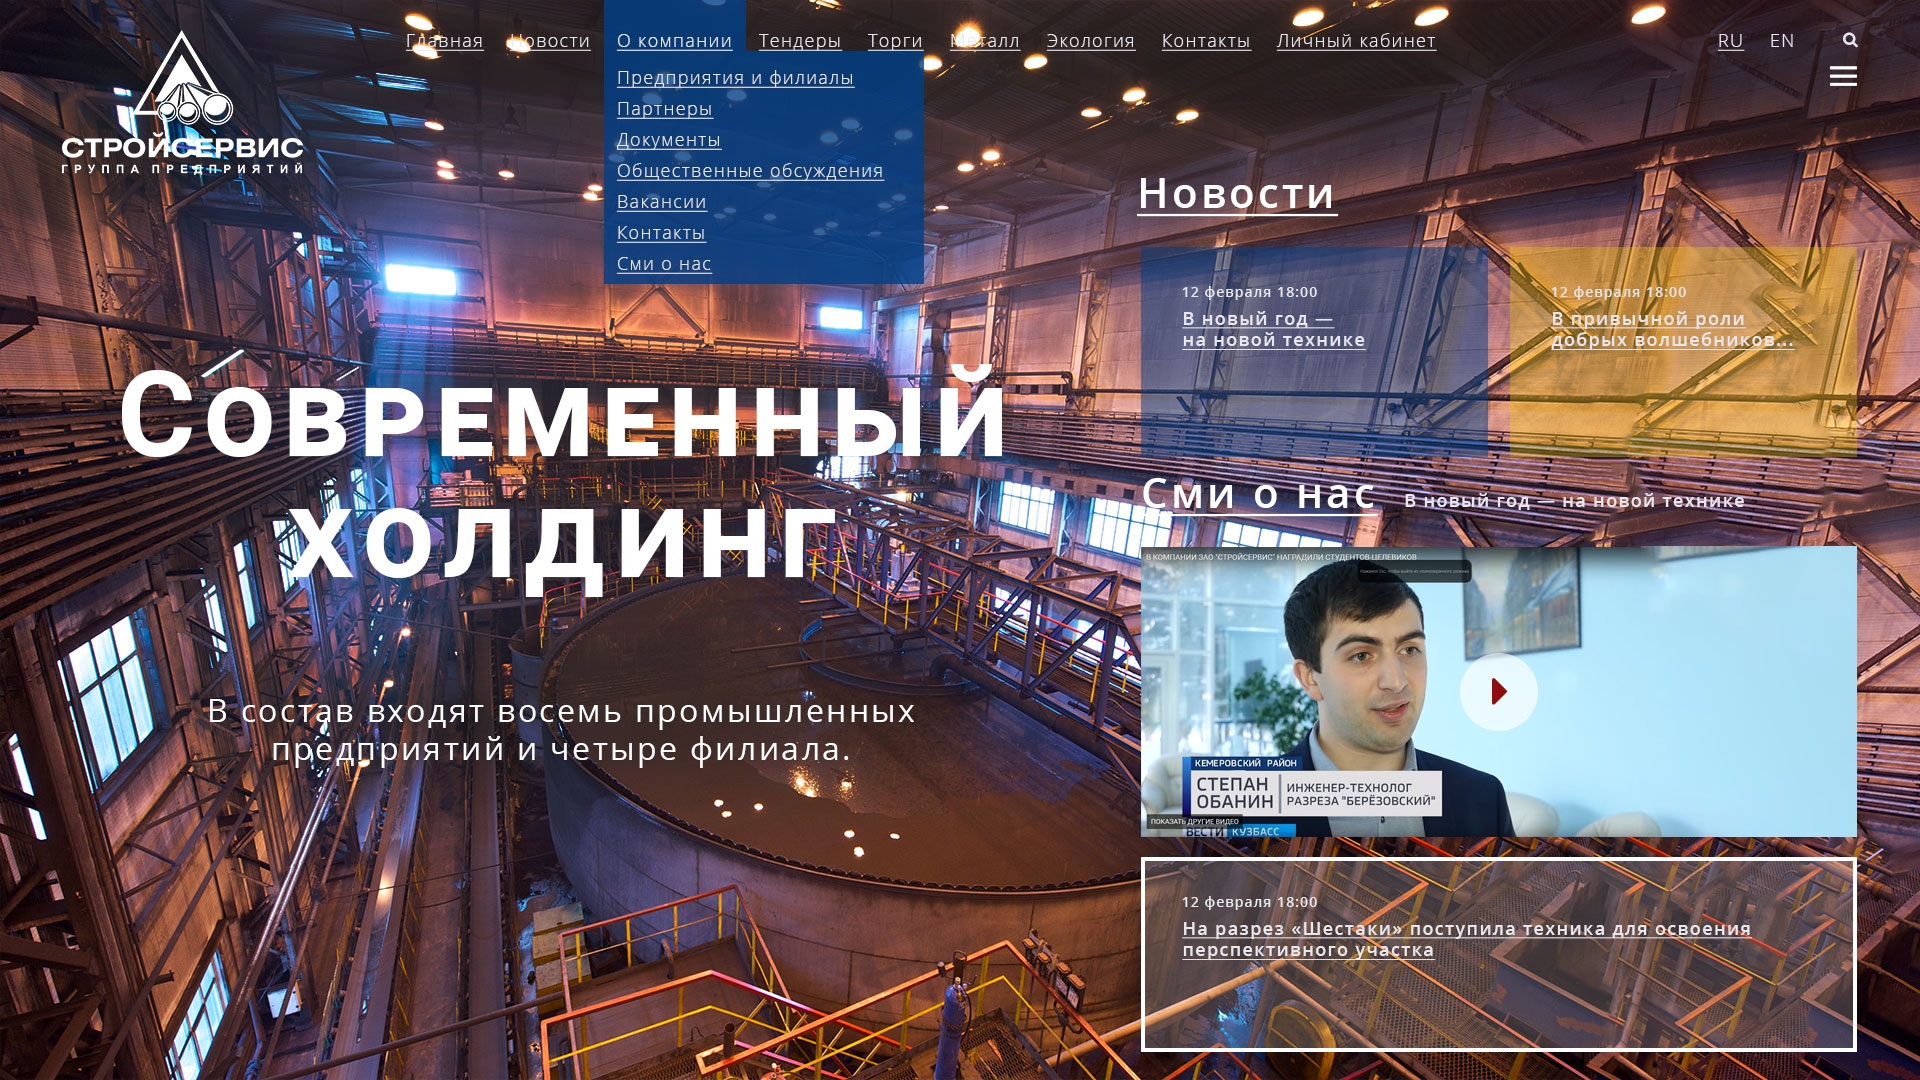 Разработка дизайна сайта угледобывающей компании фото f_6285a8de1783603e.jpg